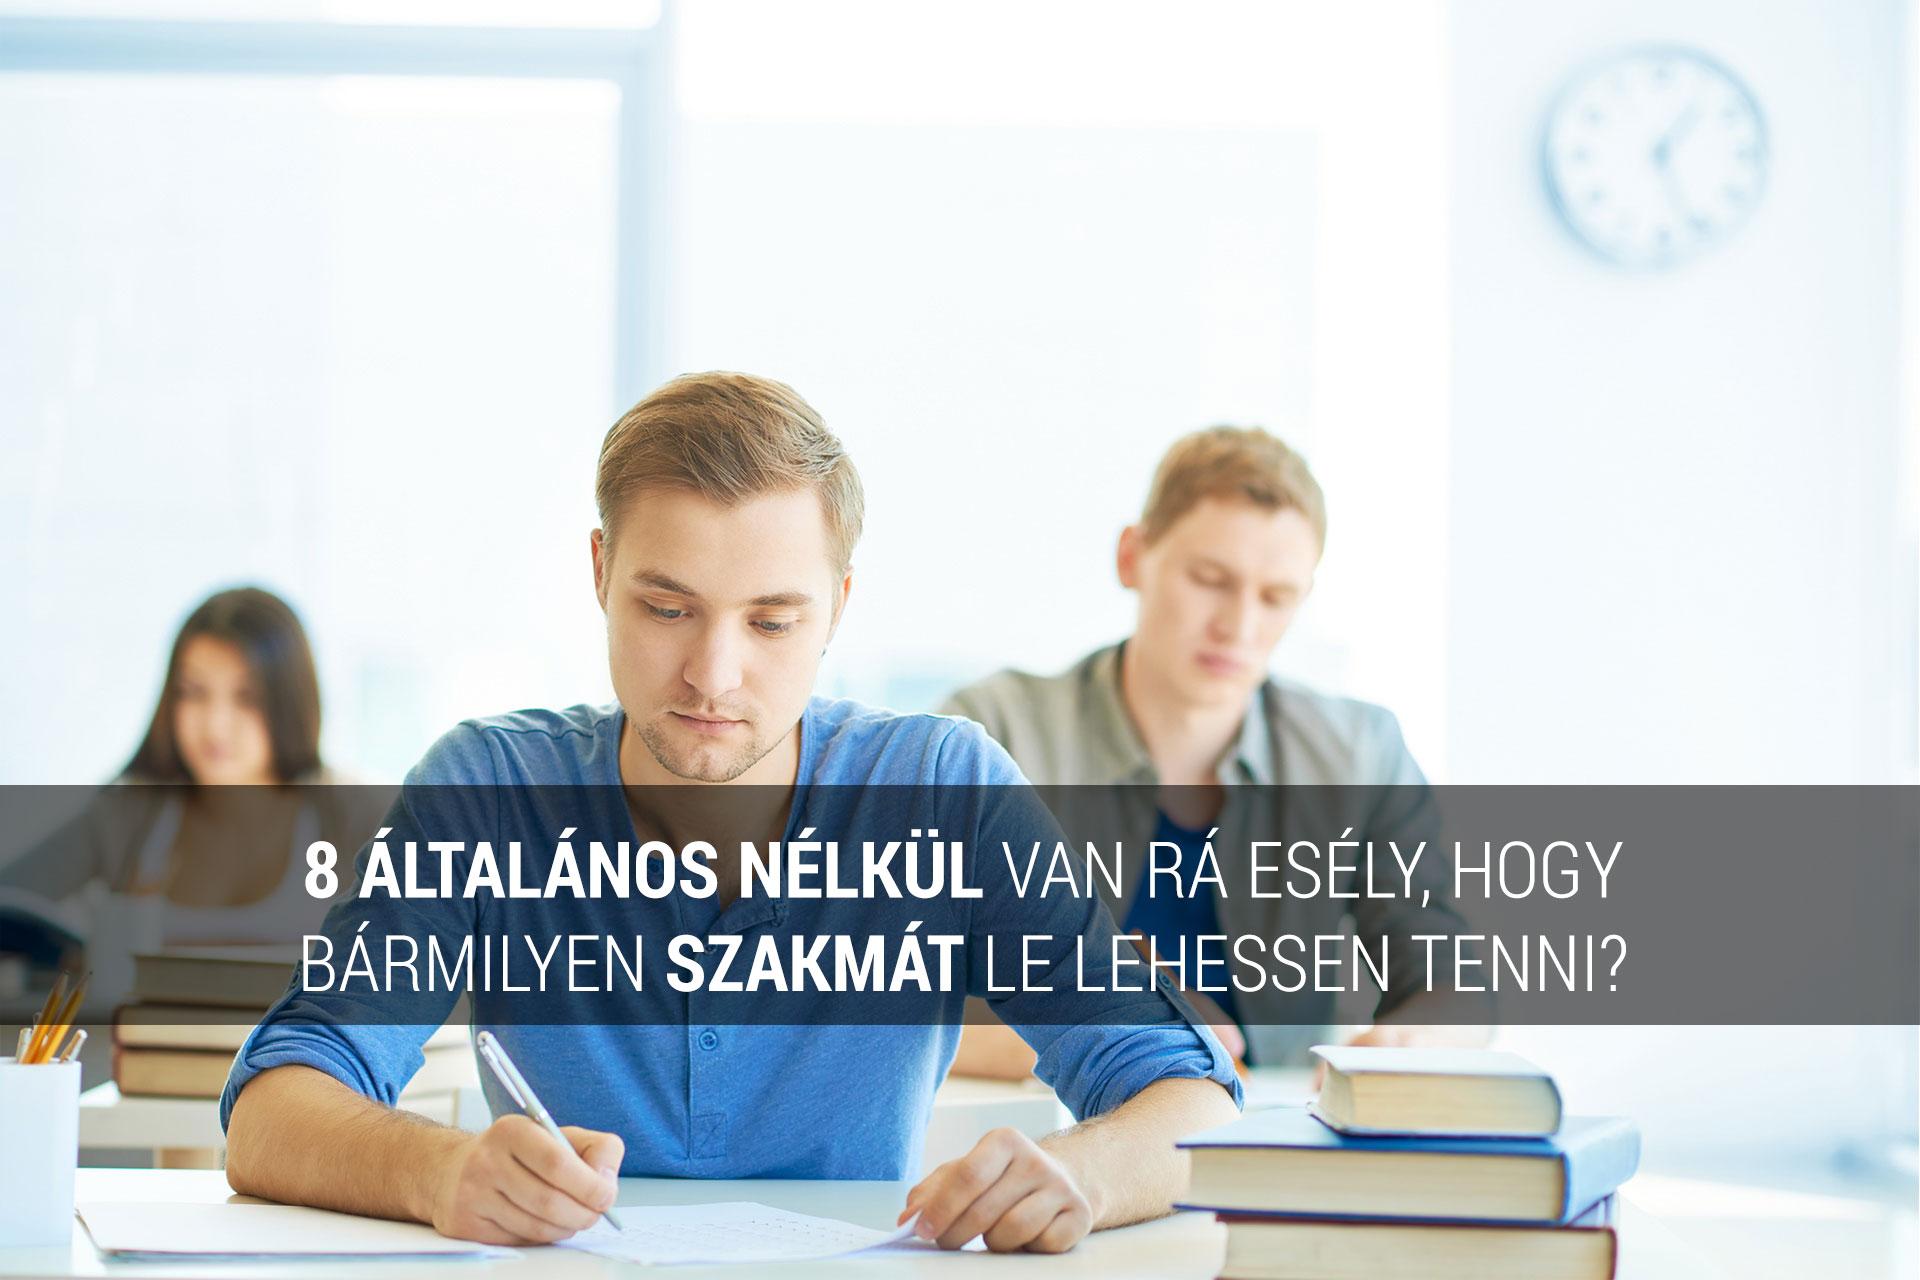 8 általános nélkül szakmát tanulni